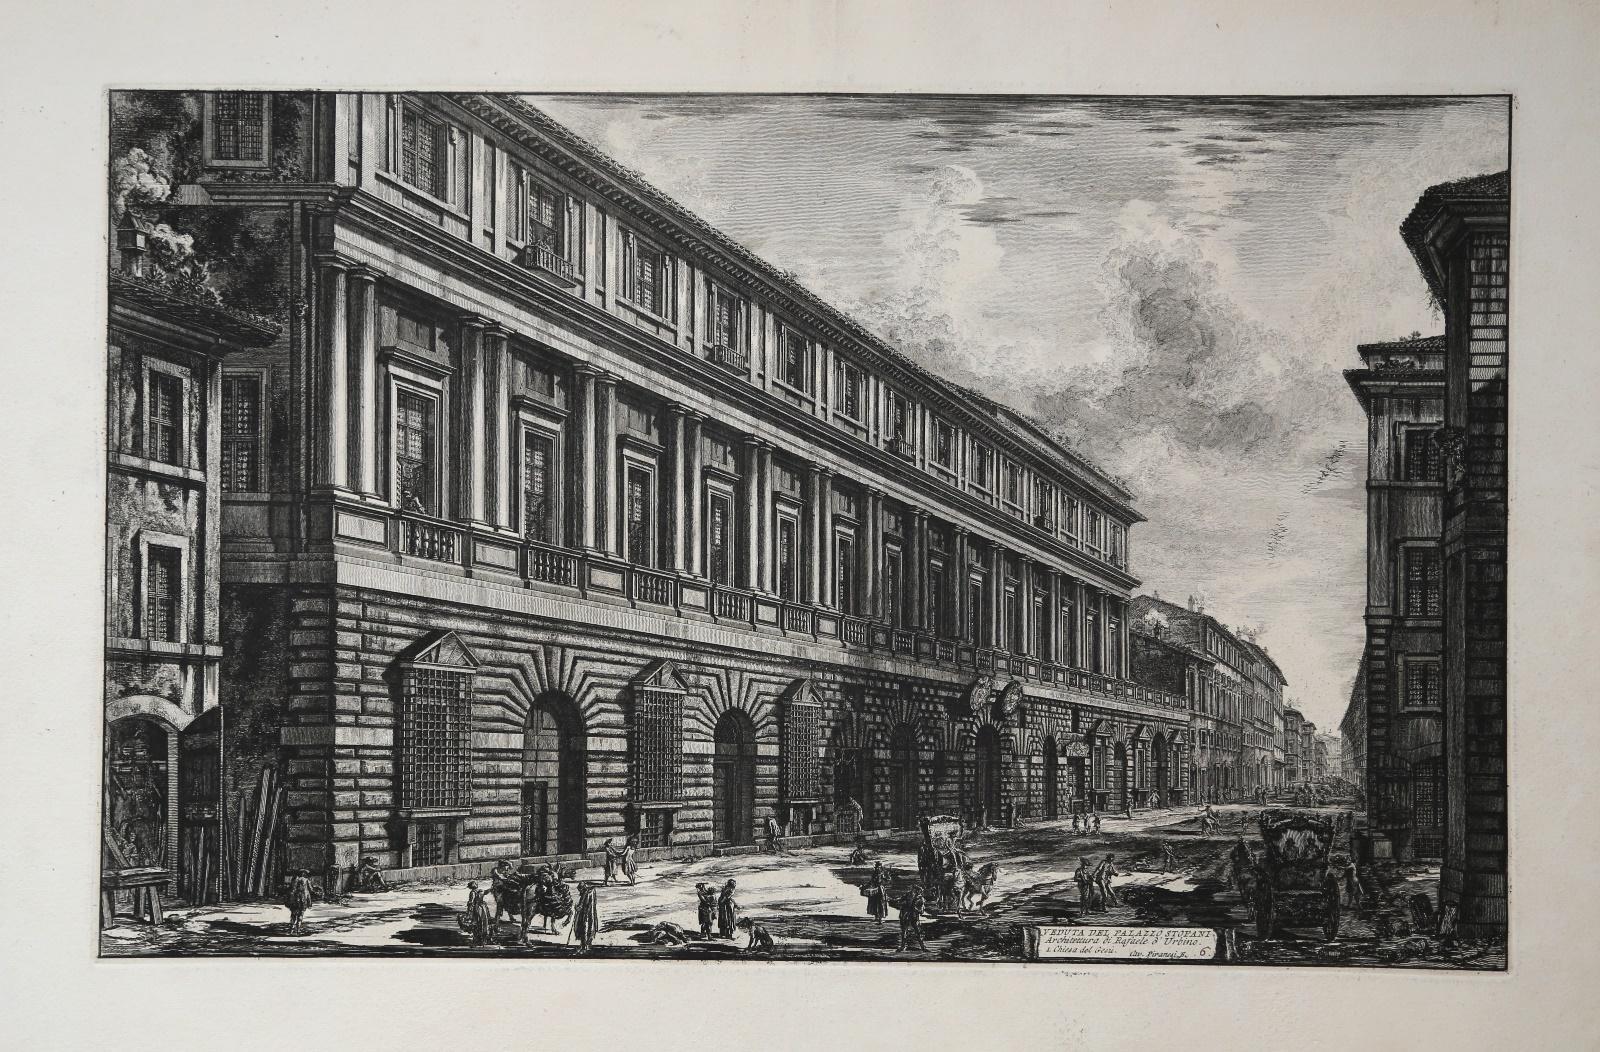 Vialibri ~ rare books from 1776 page 6